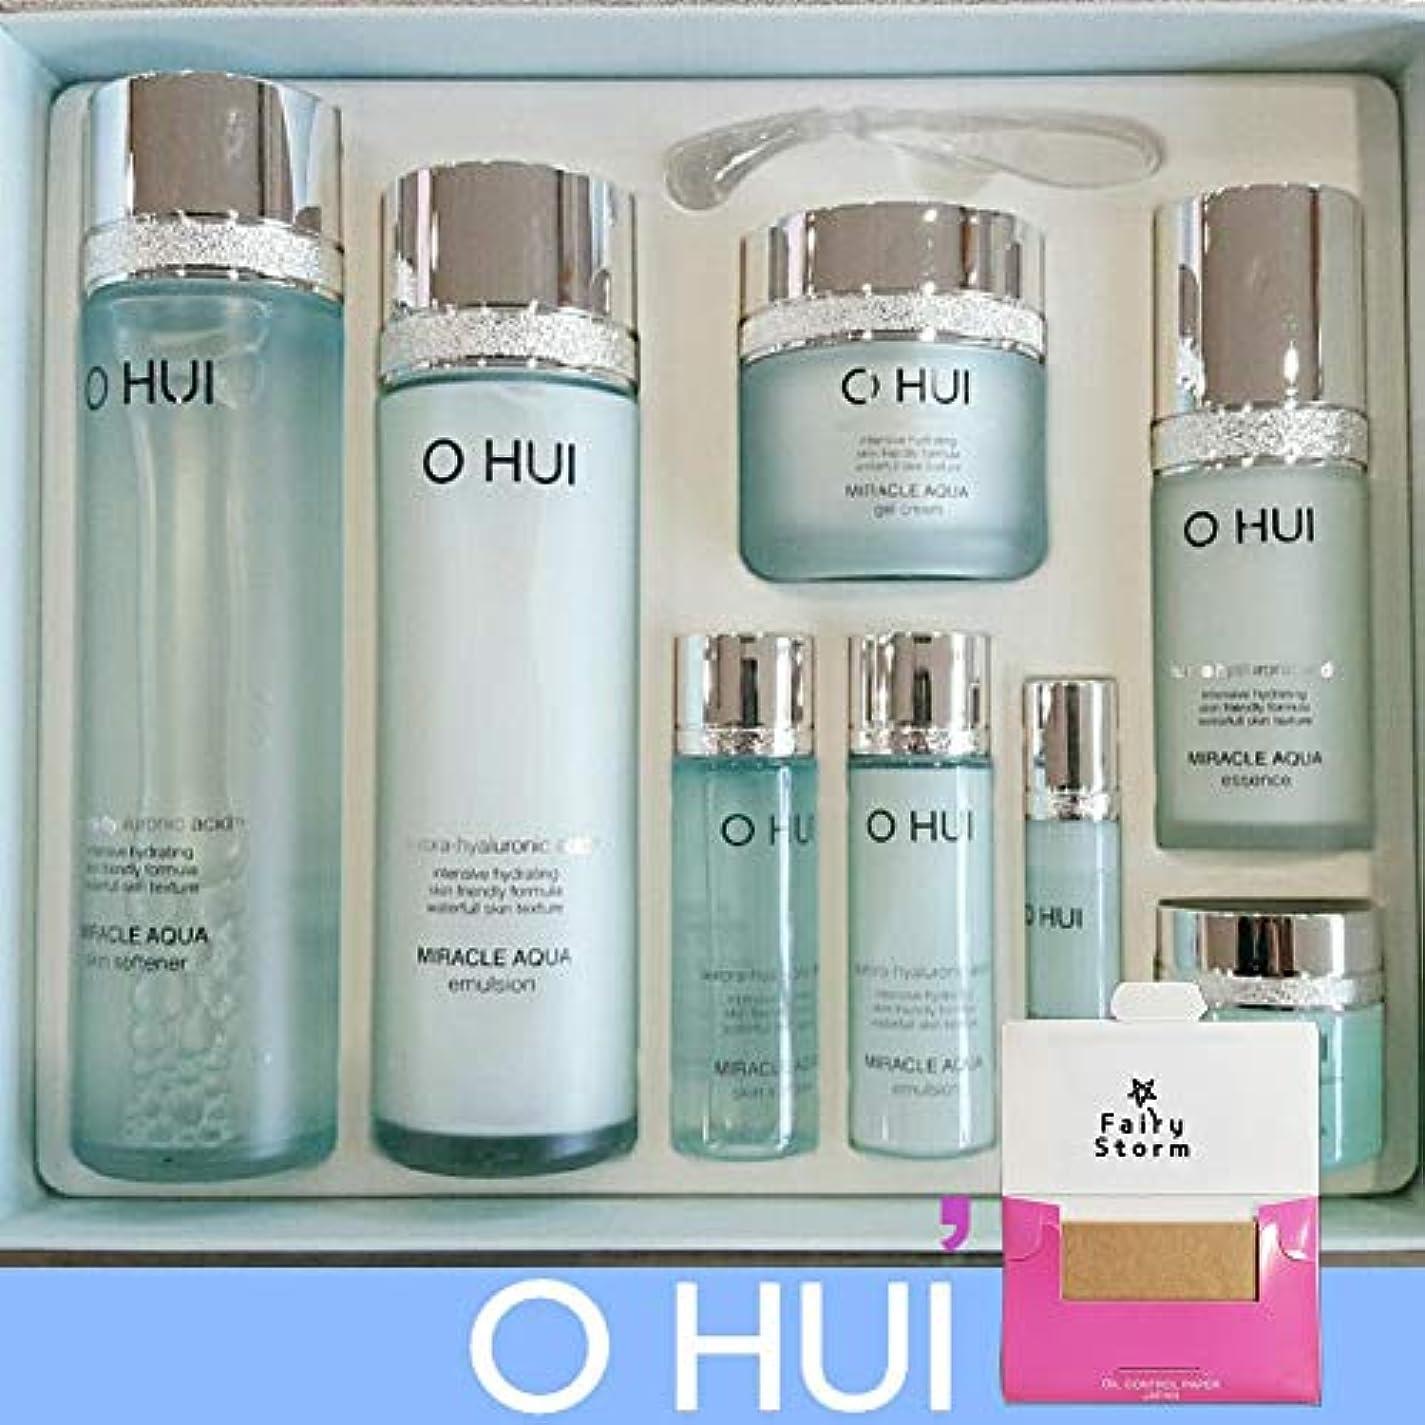 結婚したブランク事[オフィ/ O HUI]韓国化粧品 LG生活健康/ O HUI MIRACLE AQUA SPECIAL SET/ミラクル アクア 4種セット  + [Sample Gift](海外直送品)